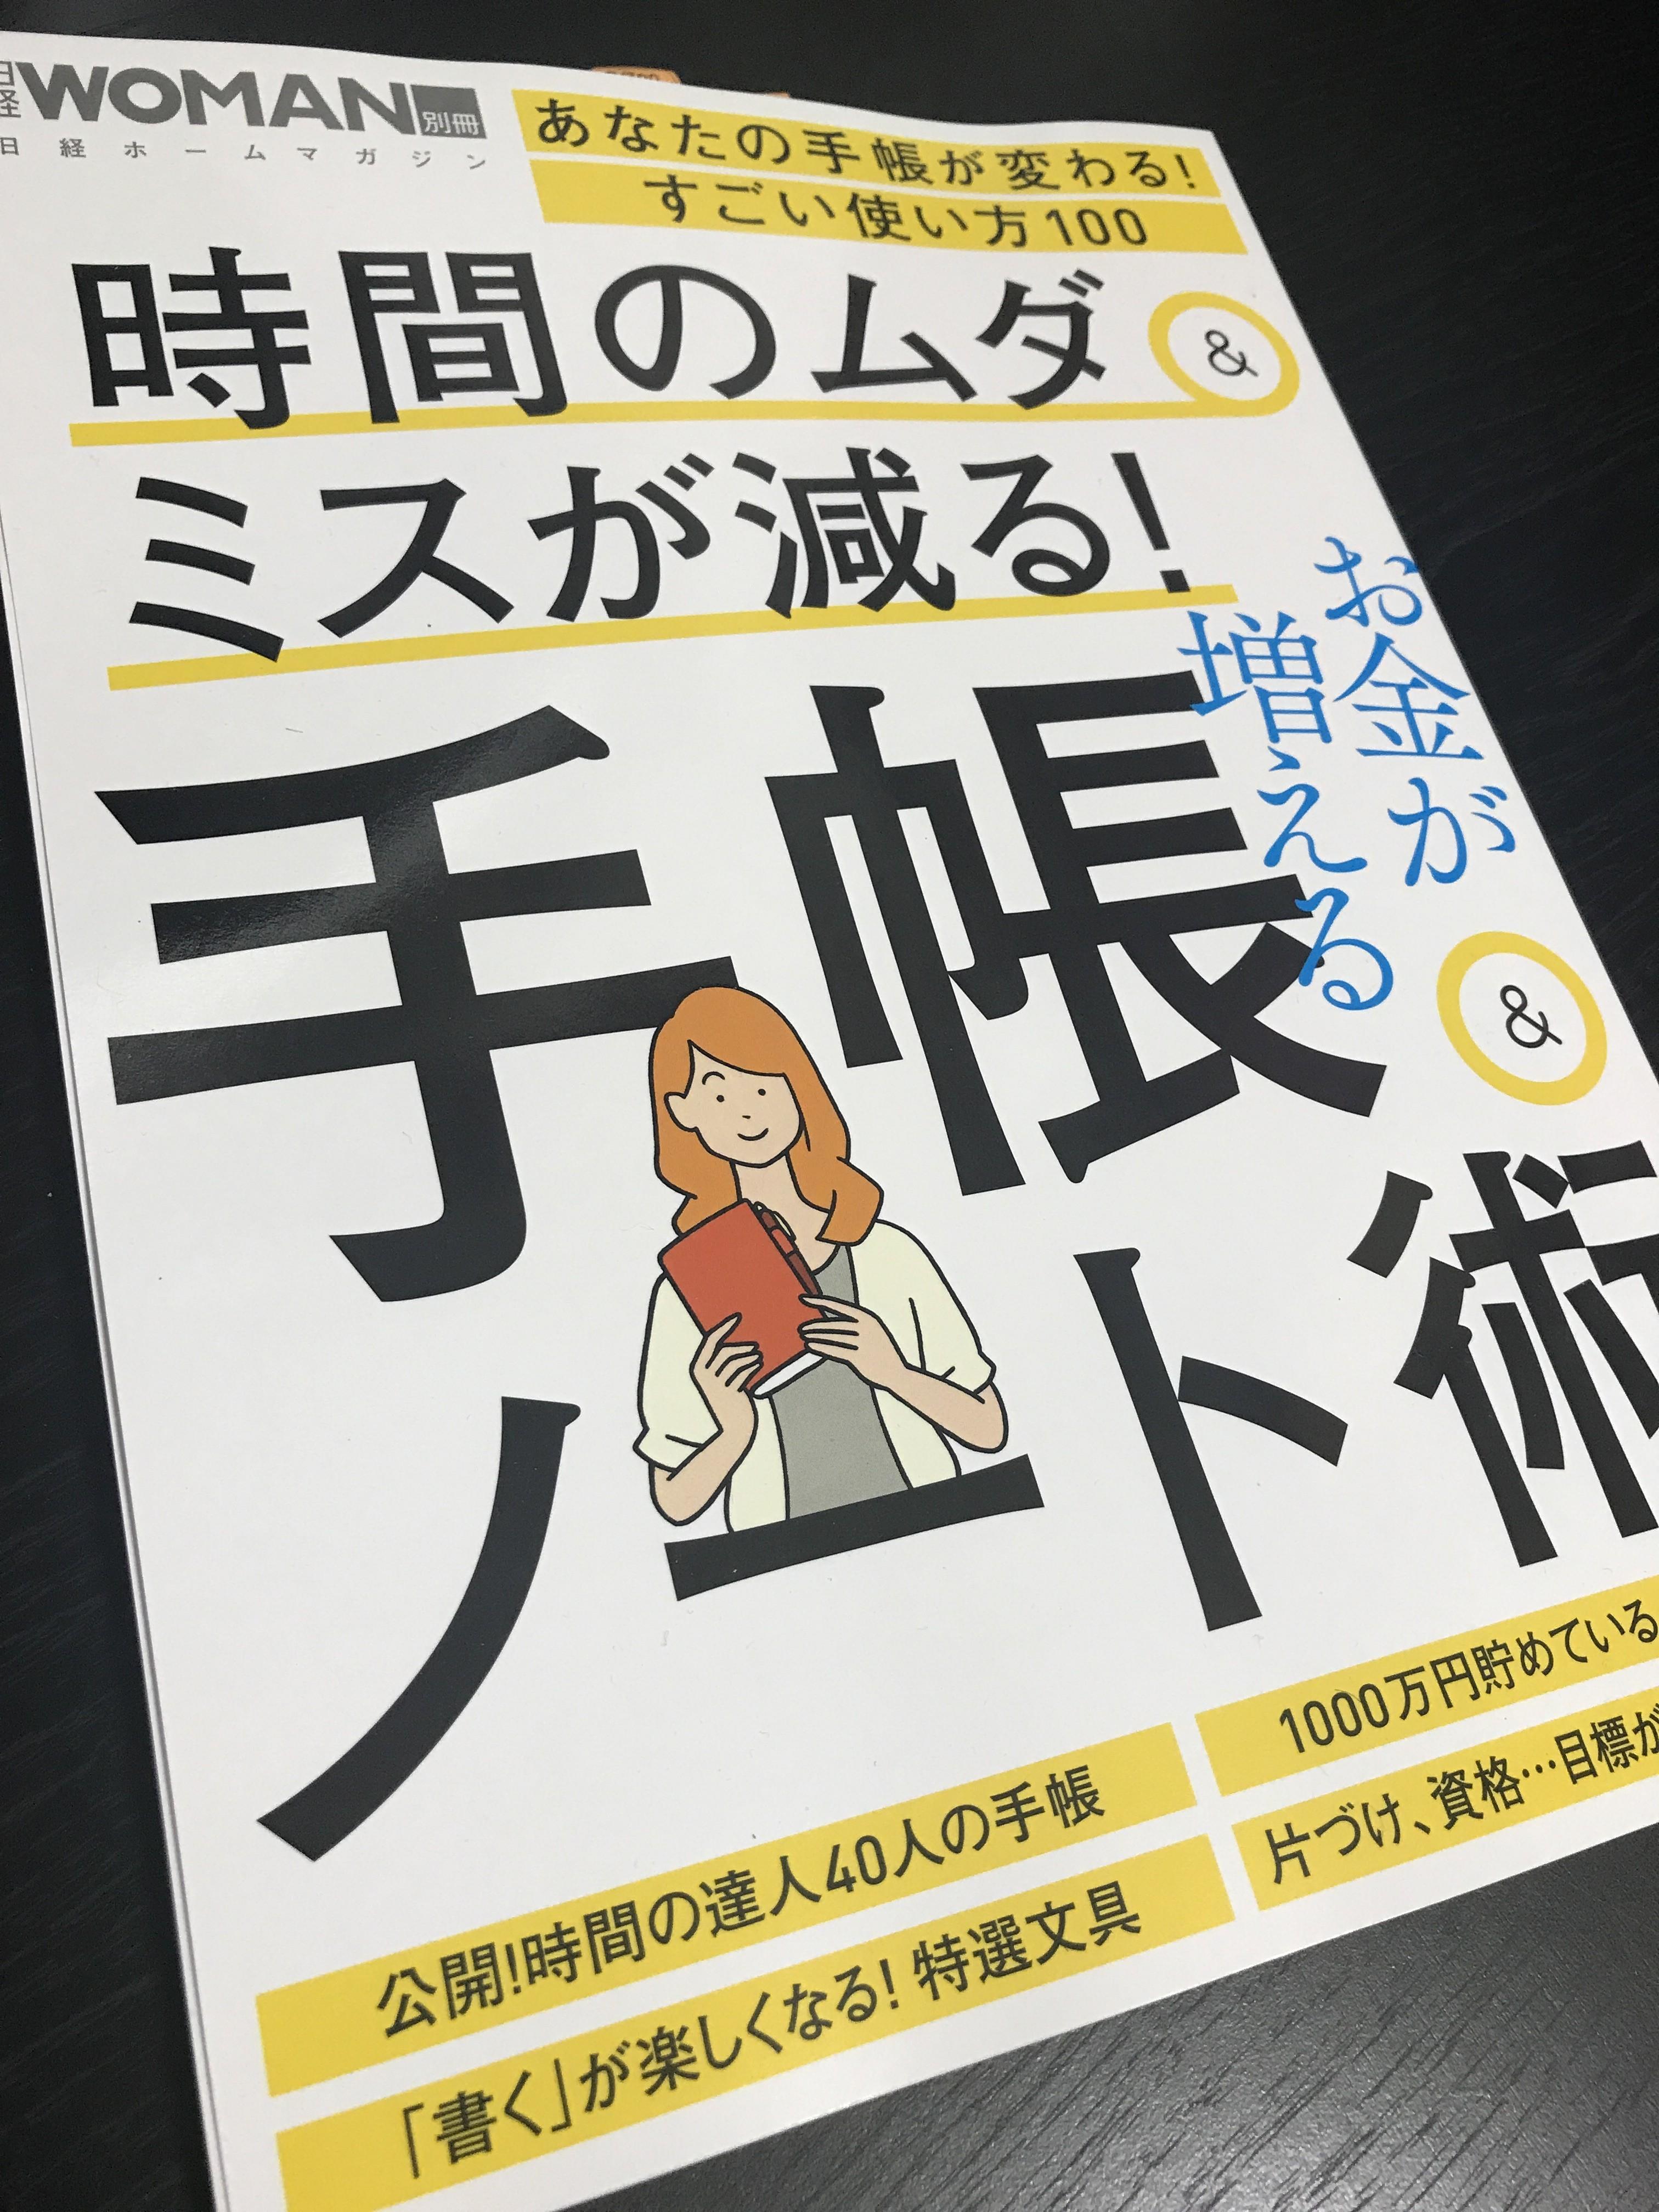 日経WOMAN別冊・時間のムダ&ミスが減る! 手帳&ノート術